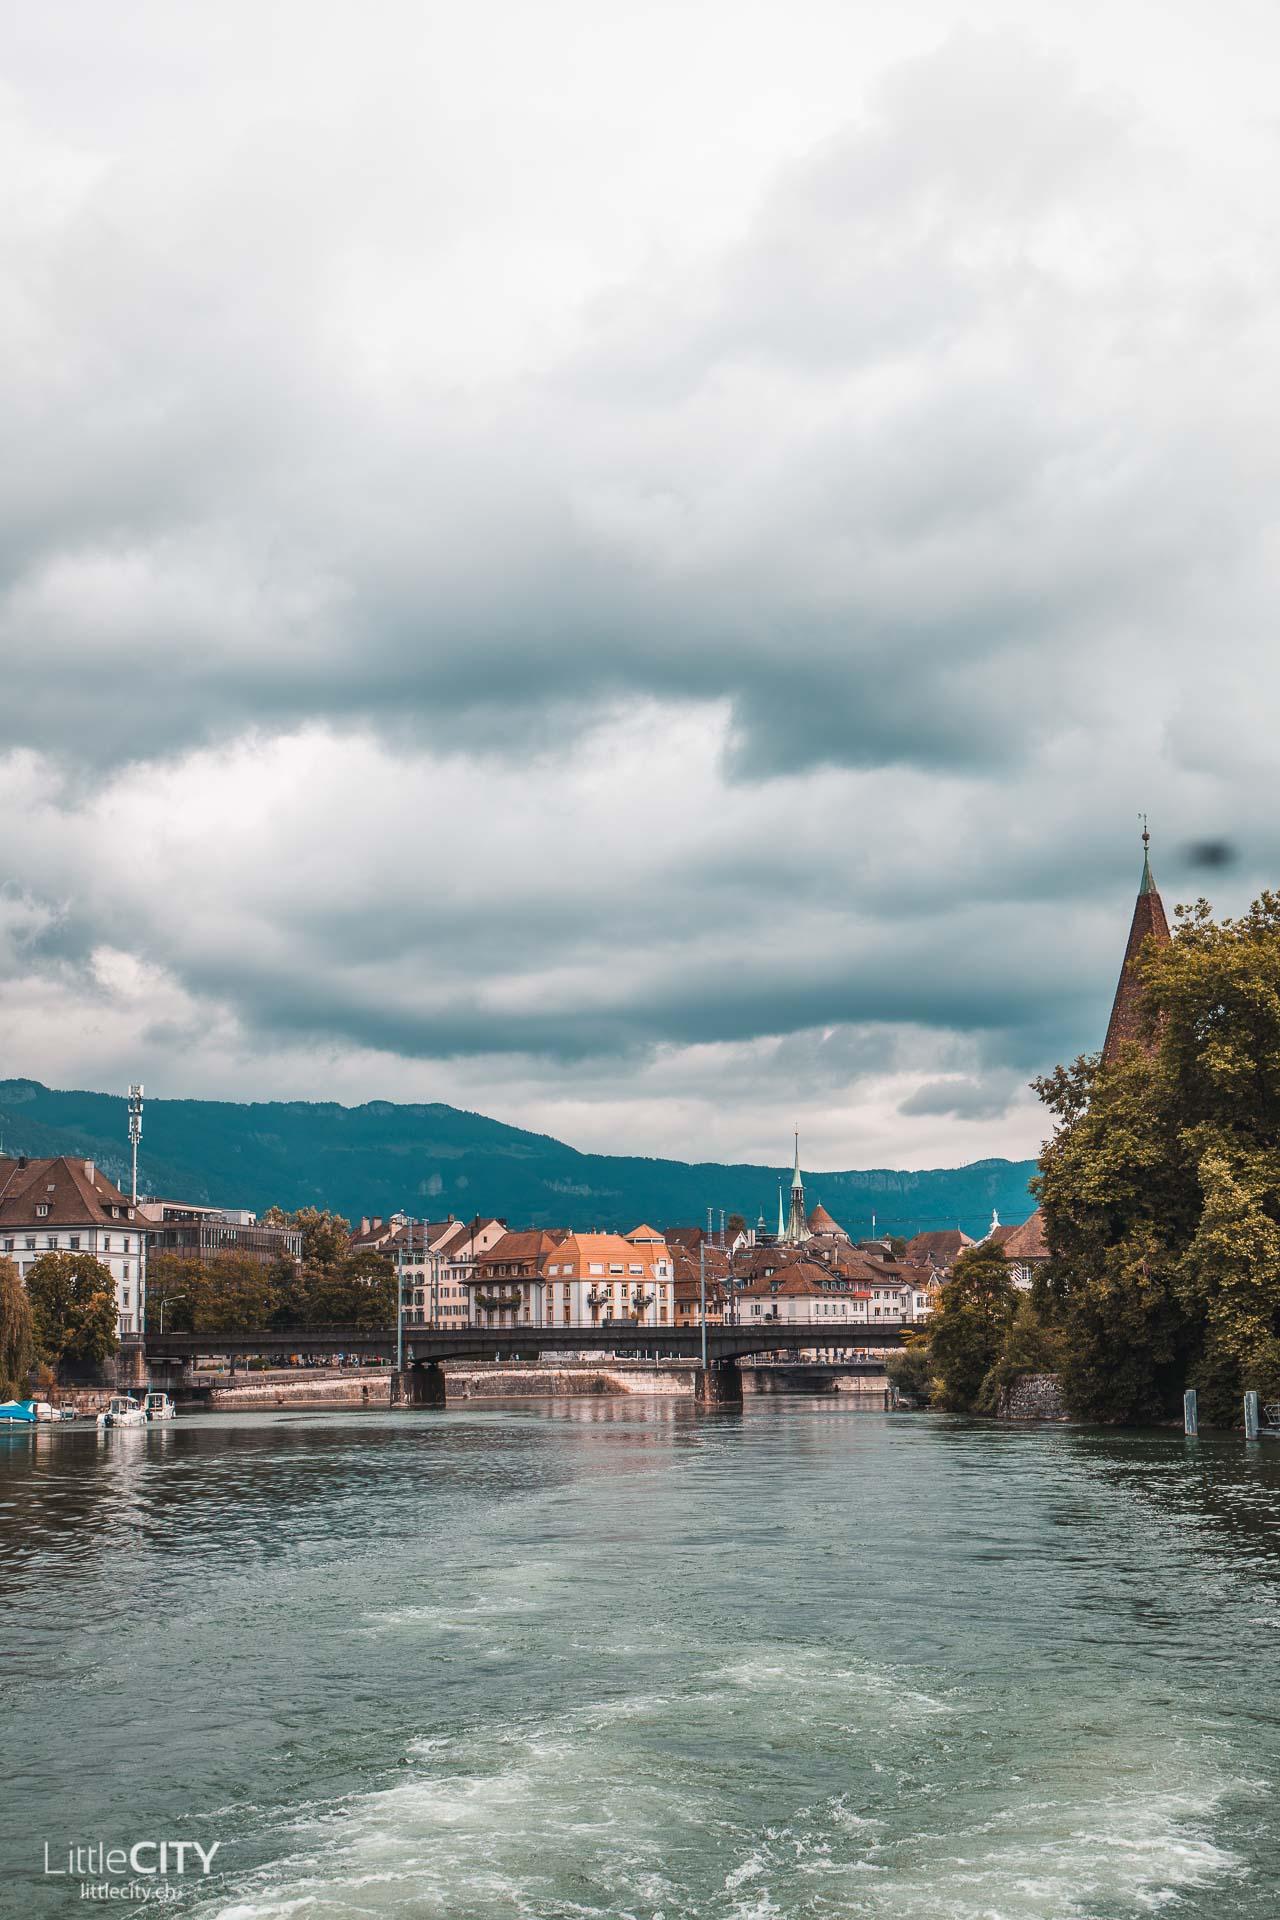 Solothurn Aarefahrt